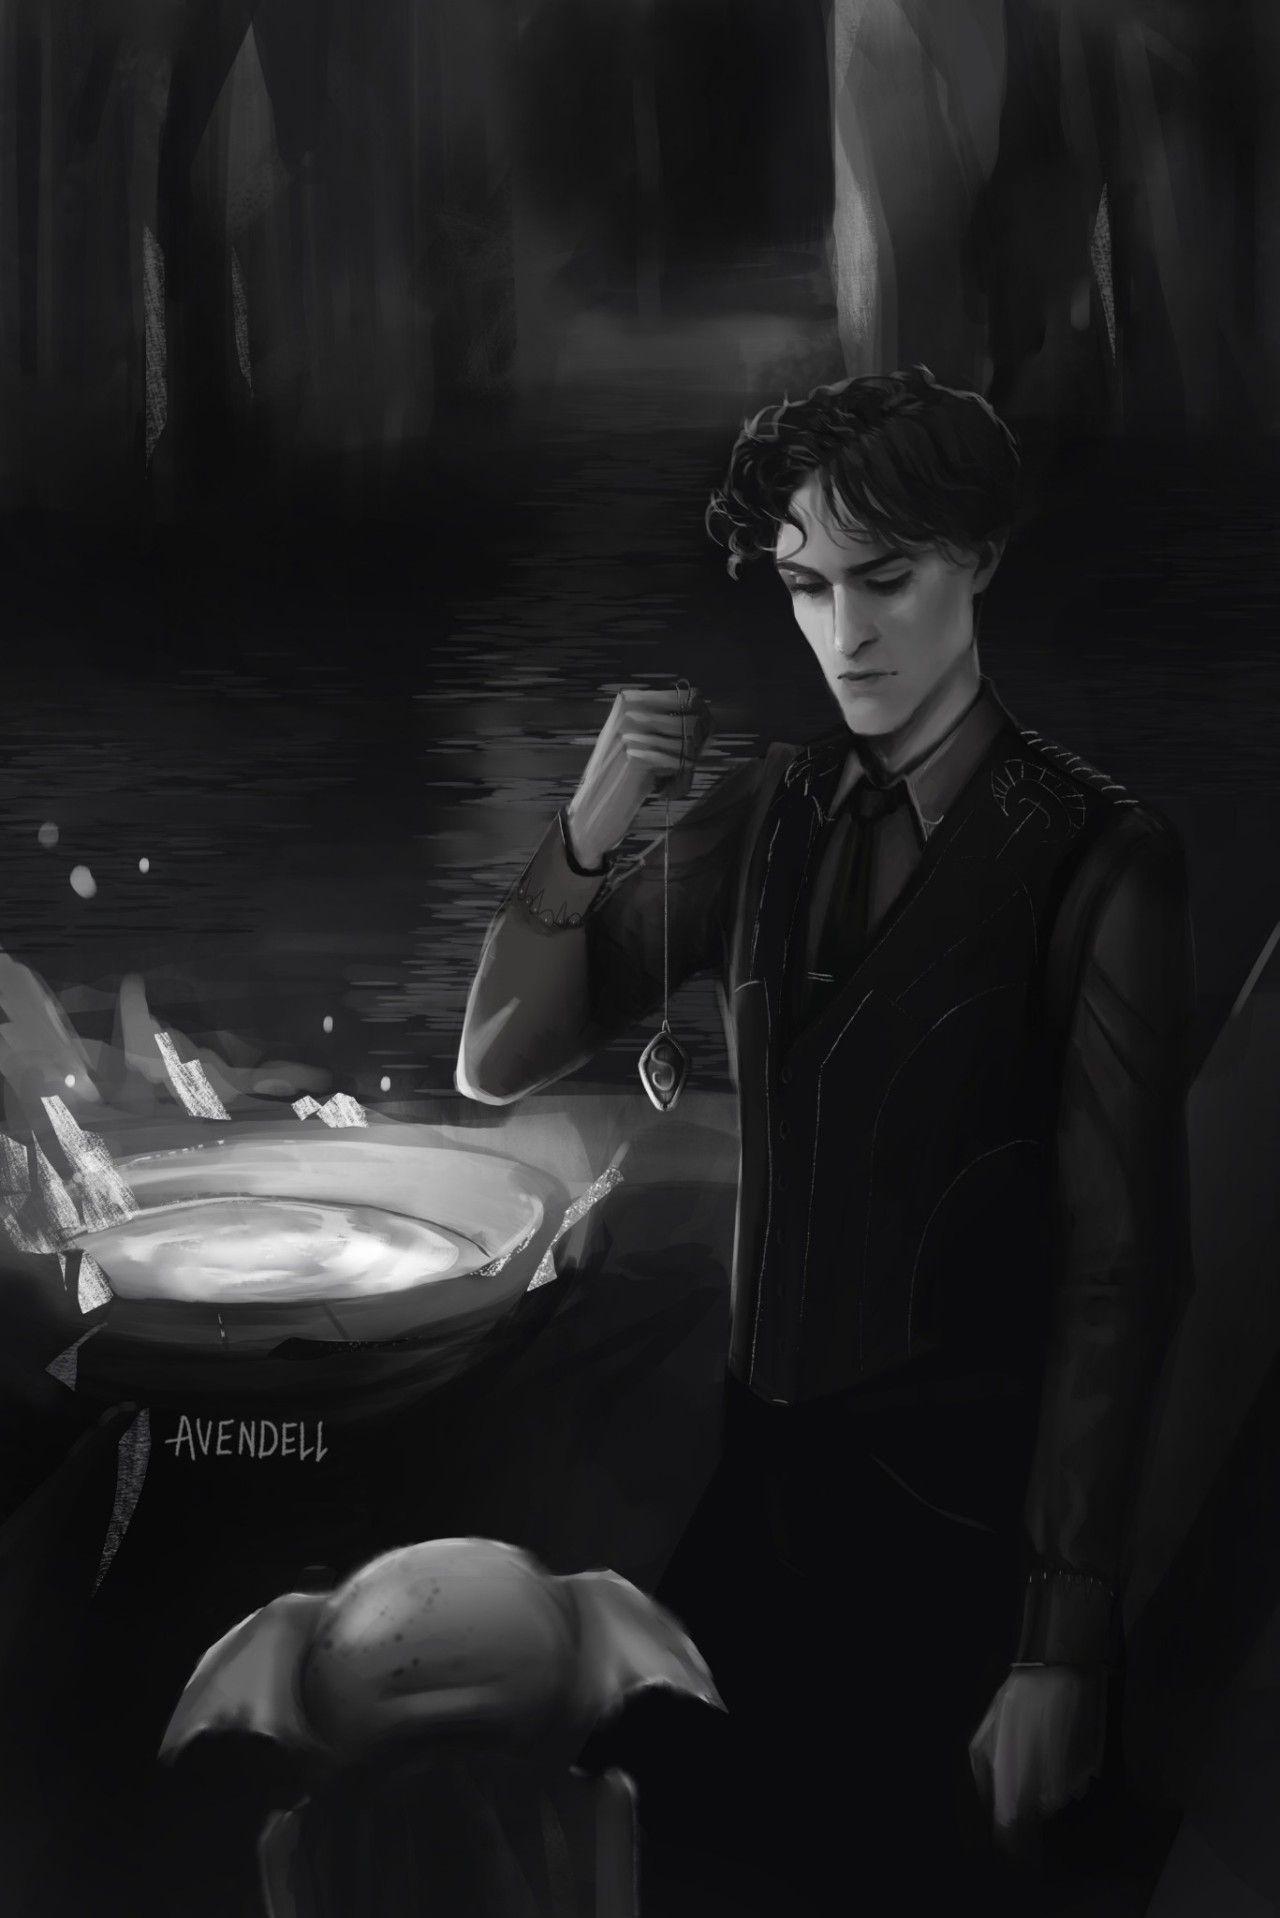 Avendell R A B In 2021 Harry Potter Fan Art Harry Potter Artwork Harry Potter Art